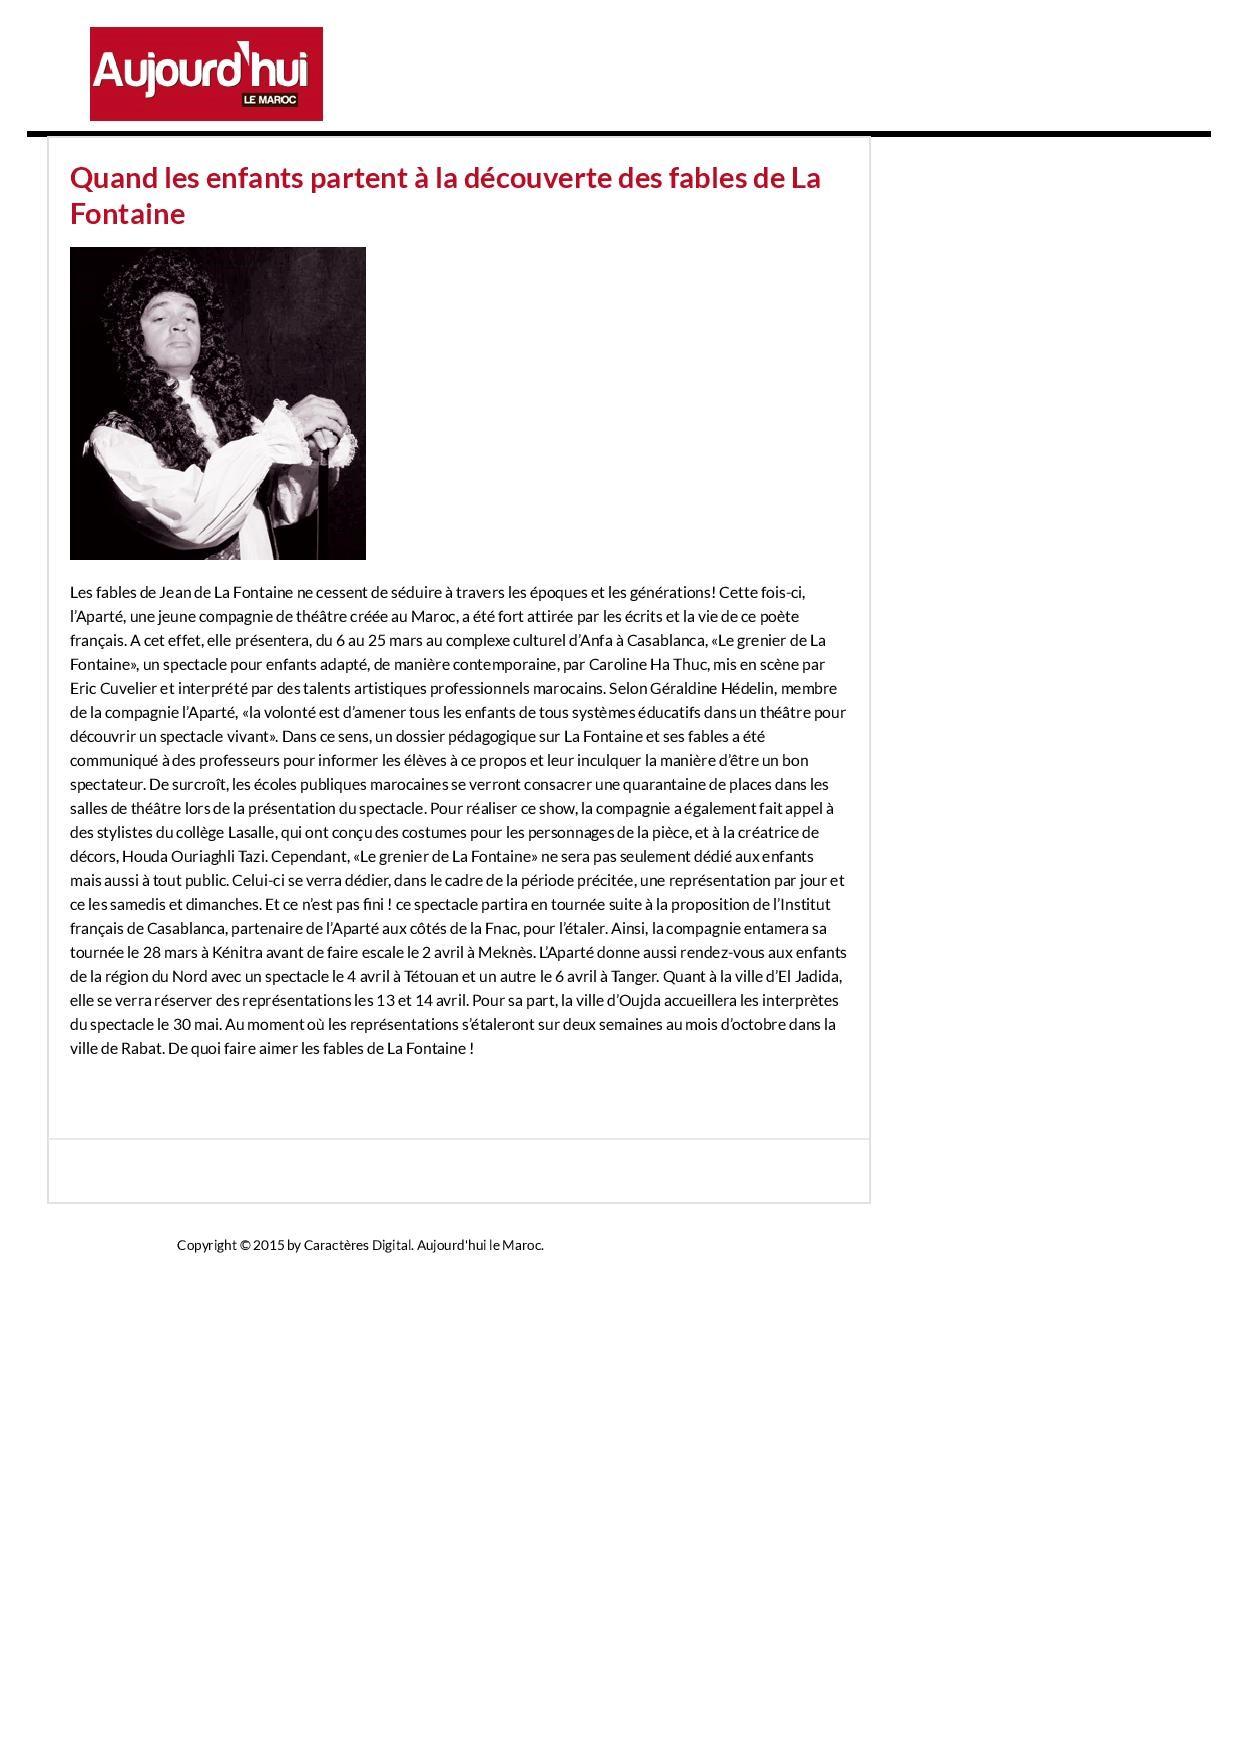 Quand les enfants partent à la découverte des fables de La Fontaine _ Aujourd hui le Maroc-page-001.jpg